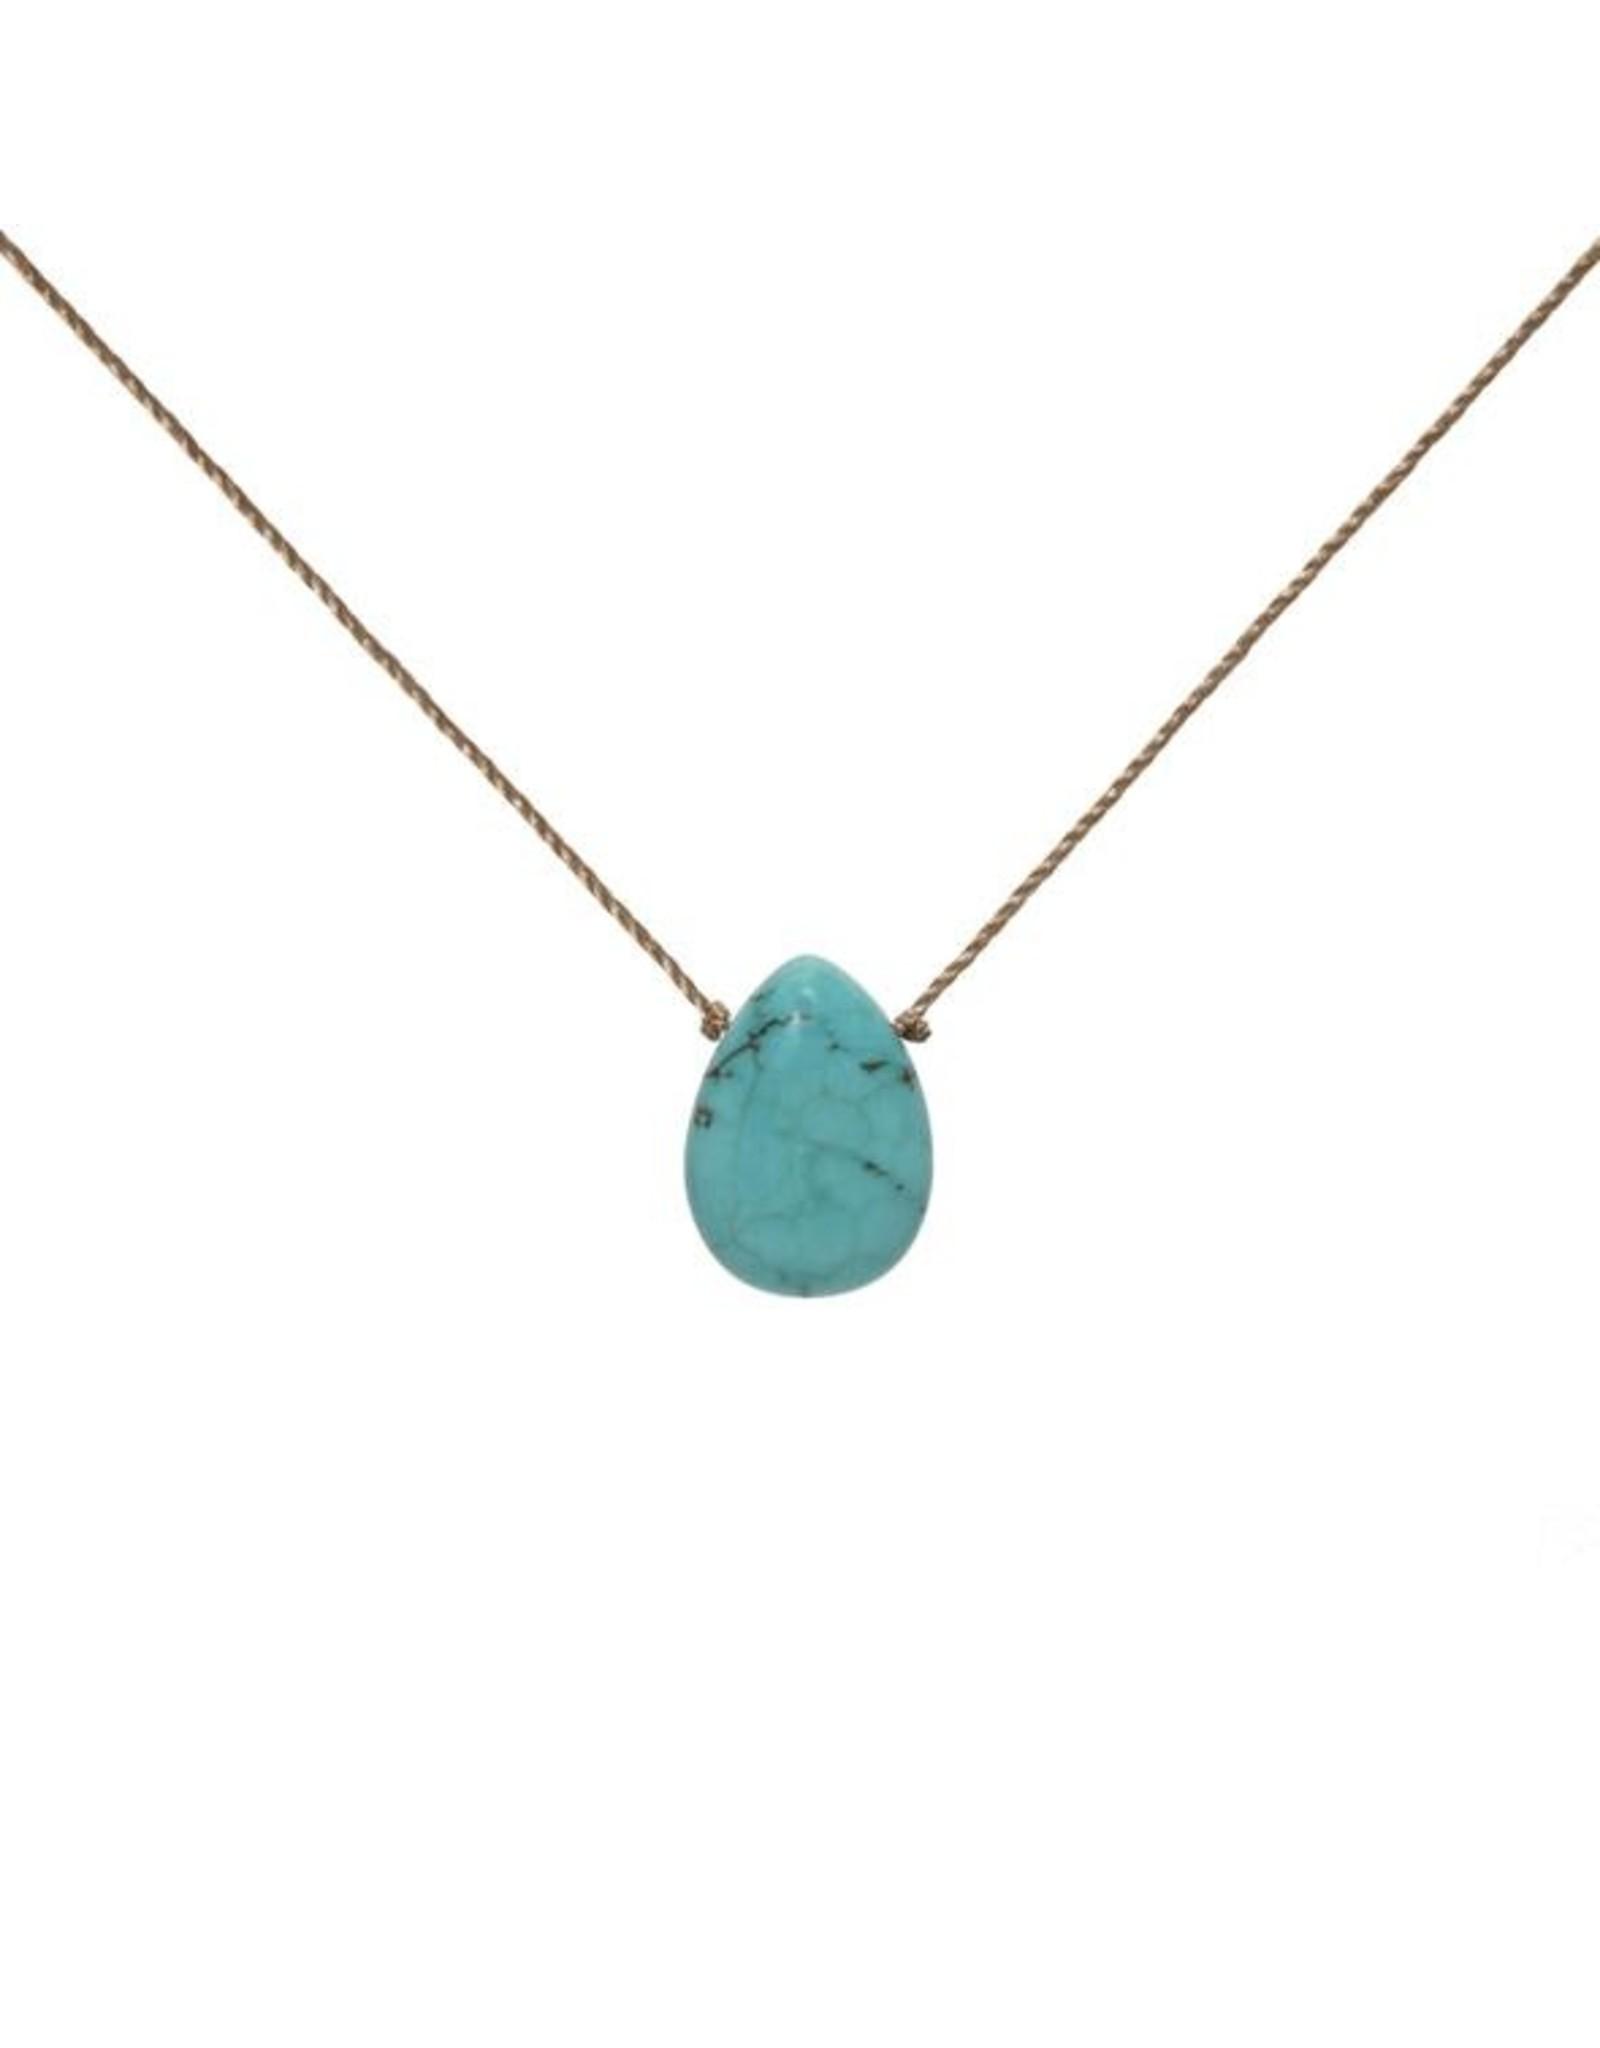 Blue Howlite Teardrop Necklace for Patience - SoulKu